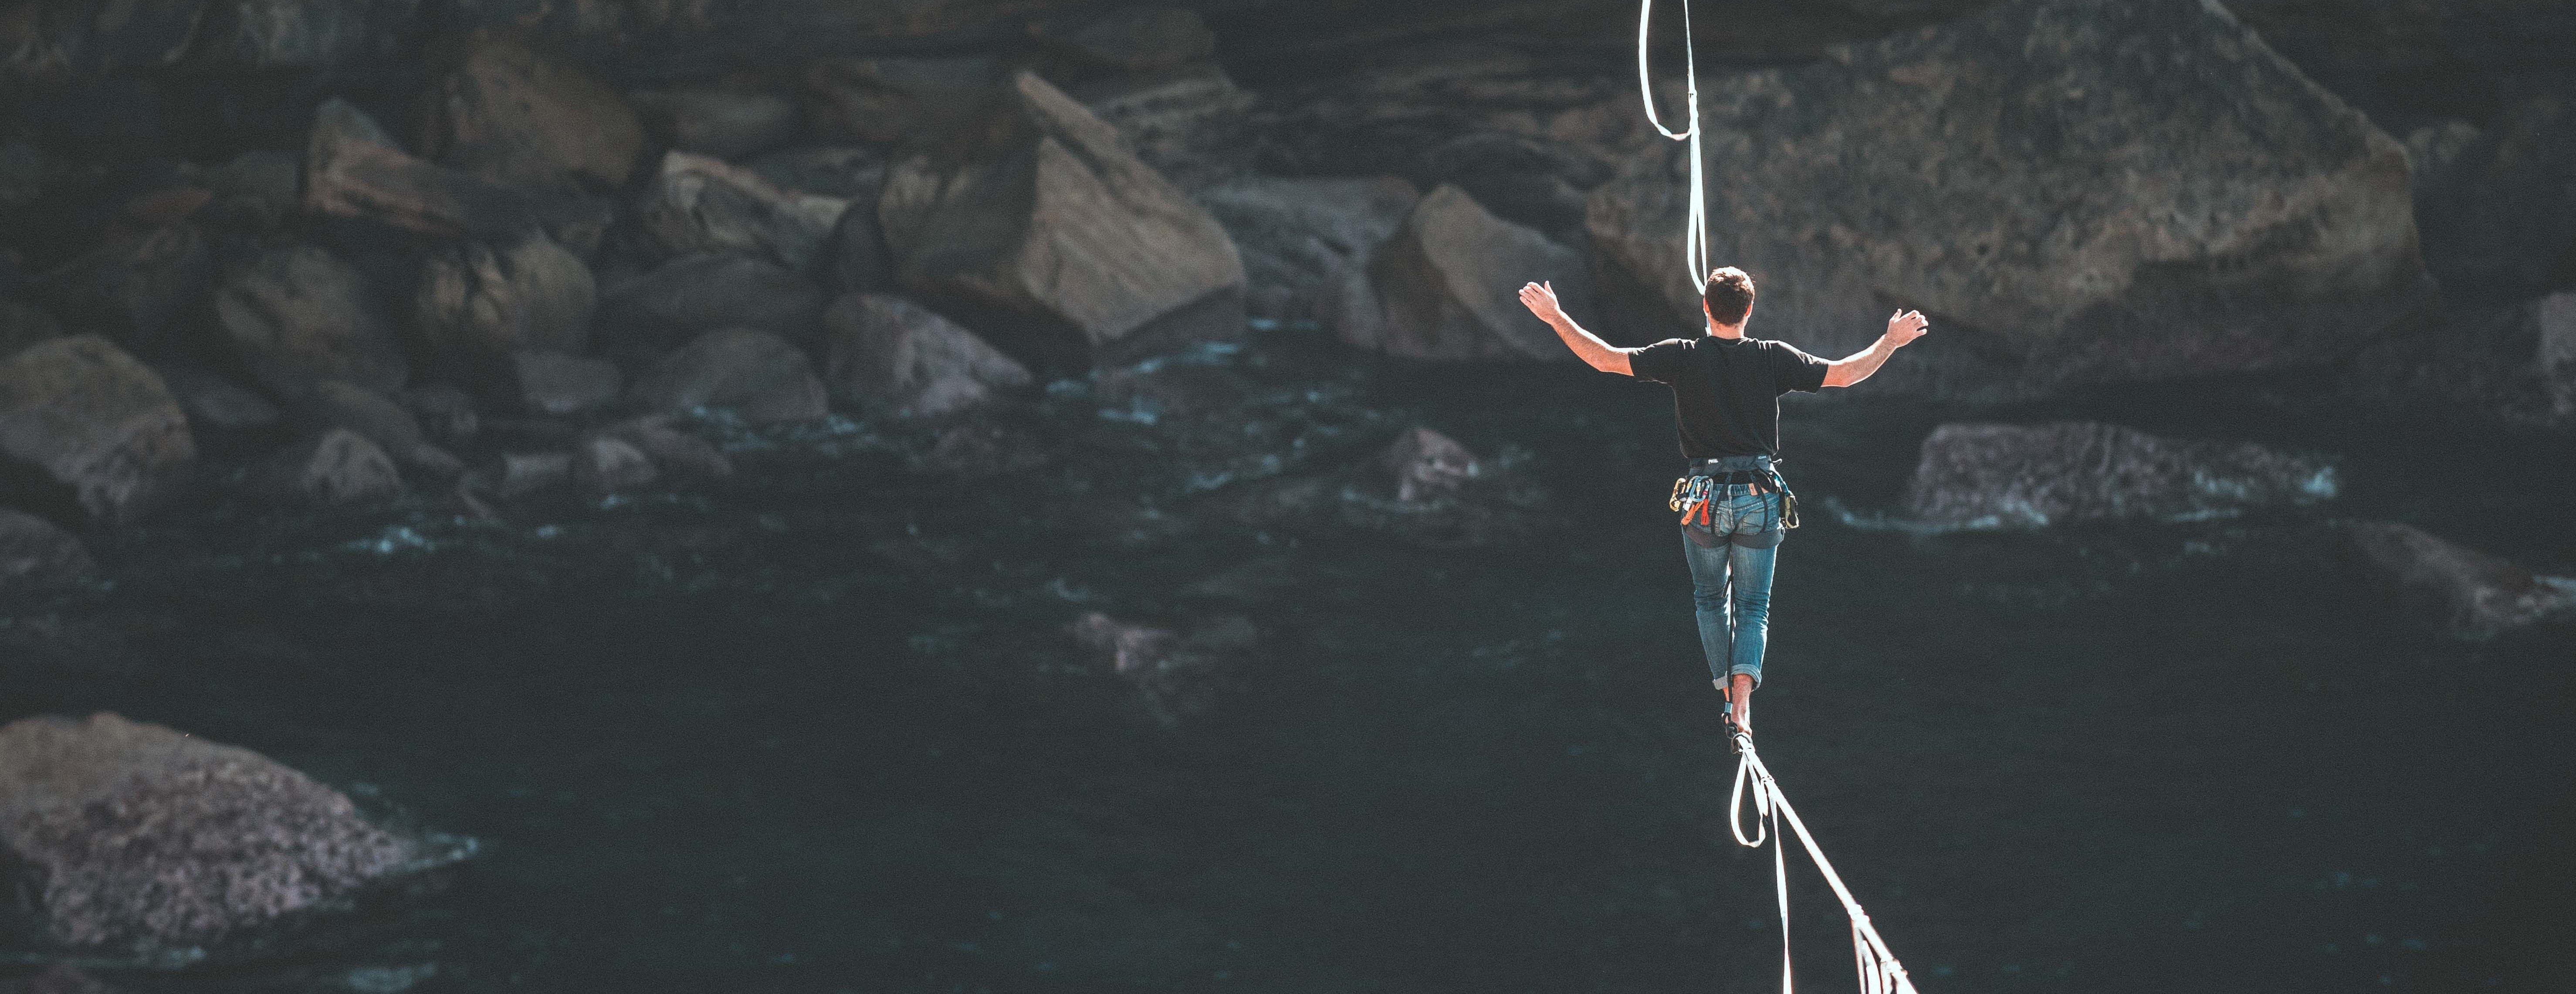 risk-tightrope